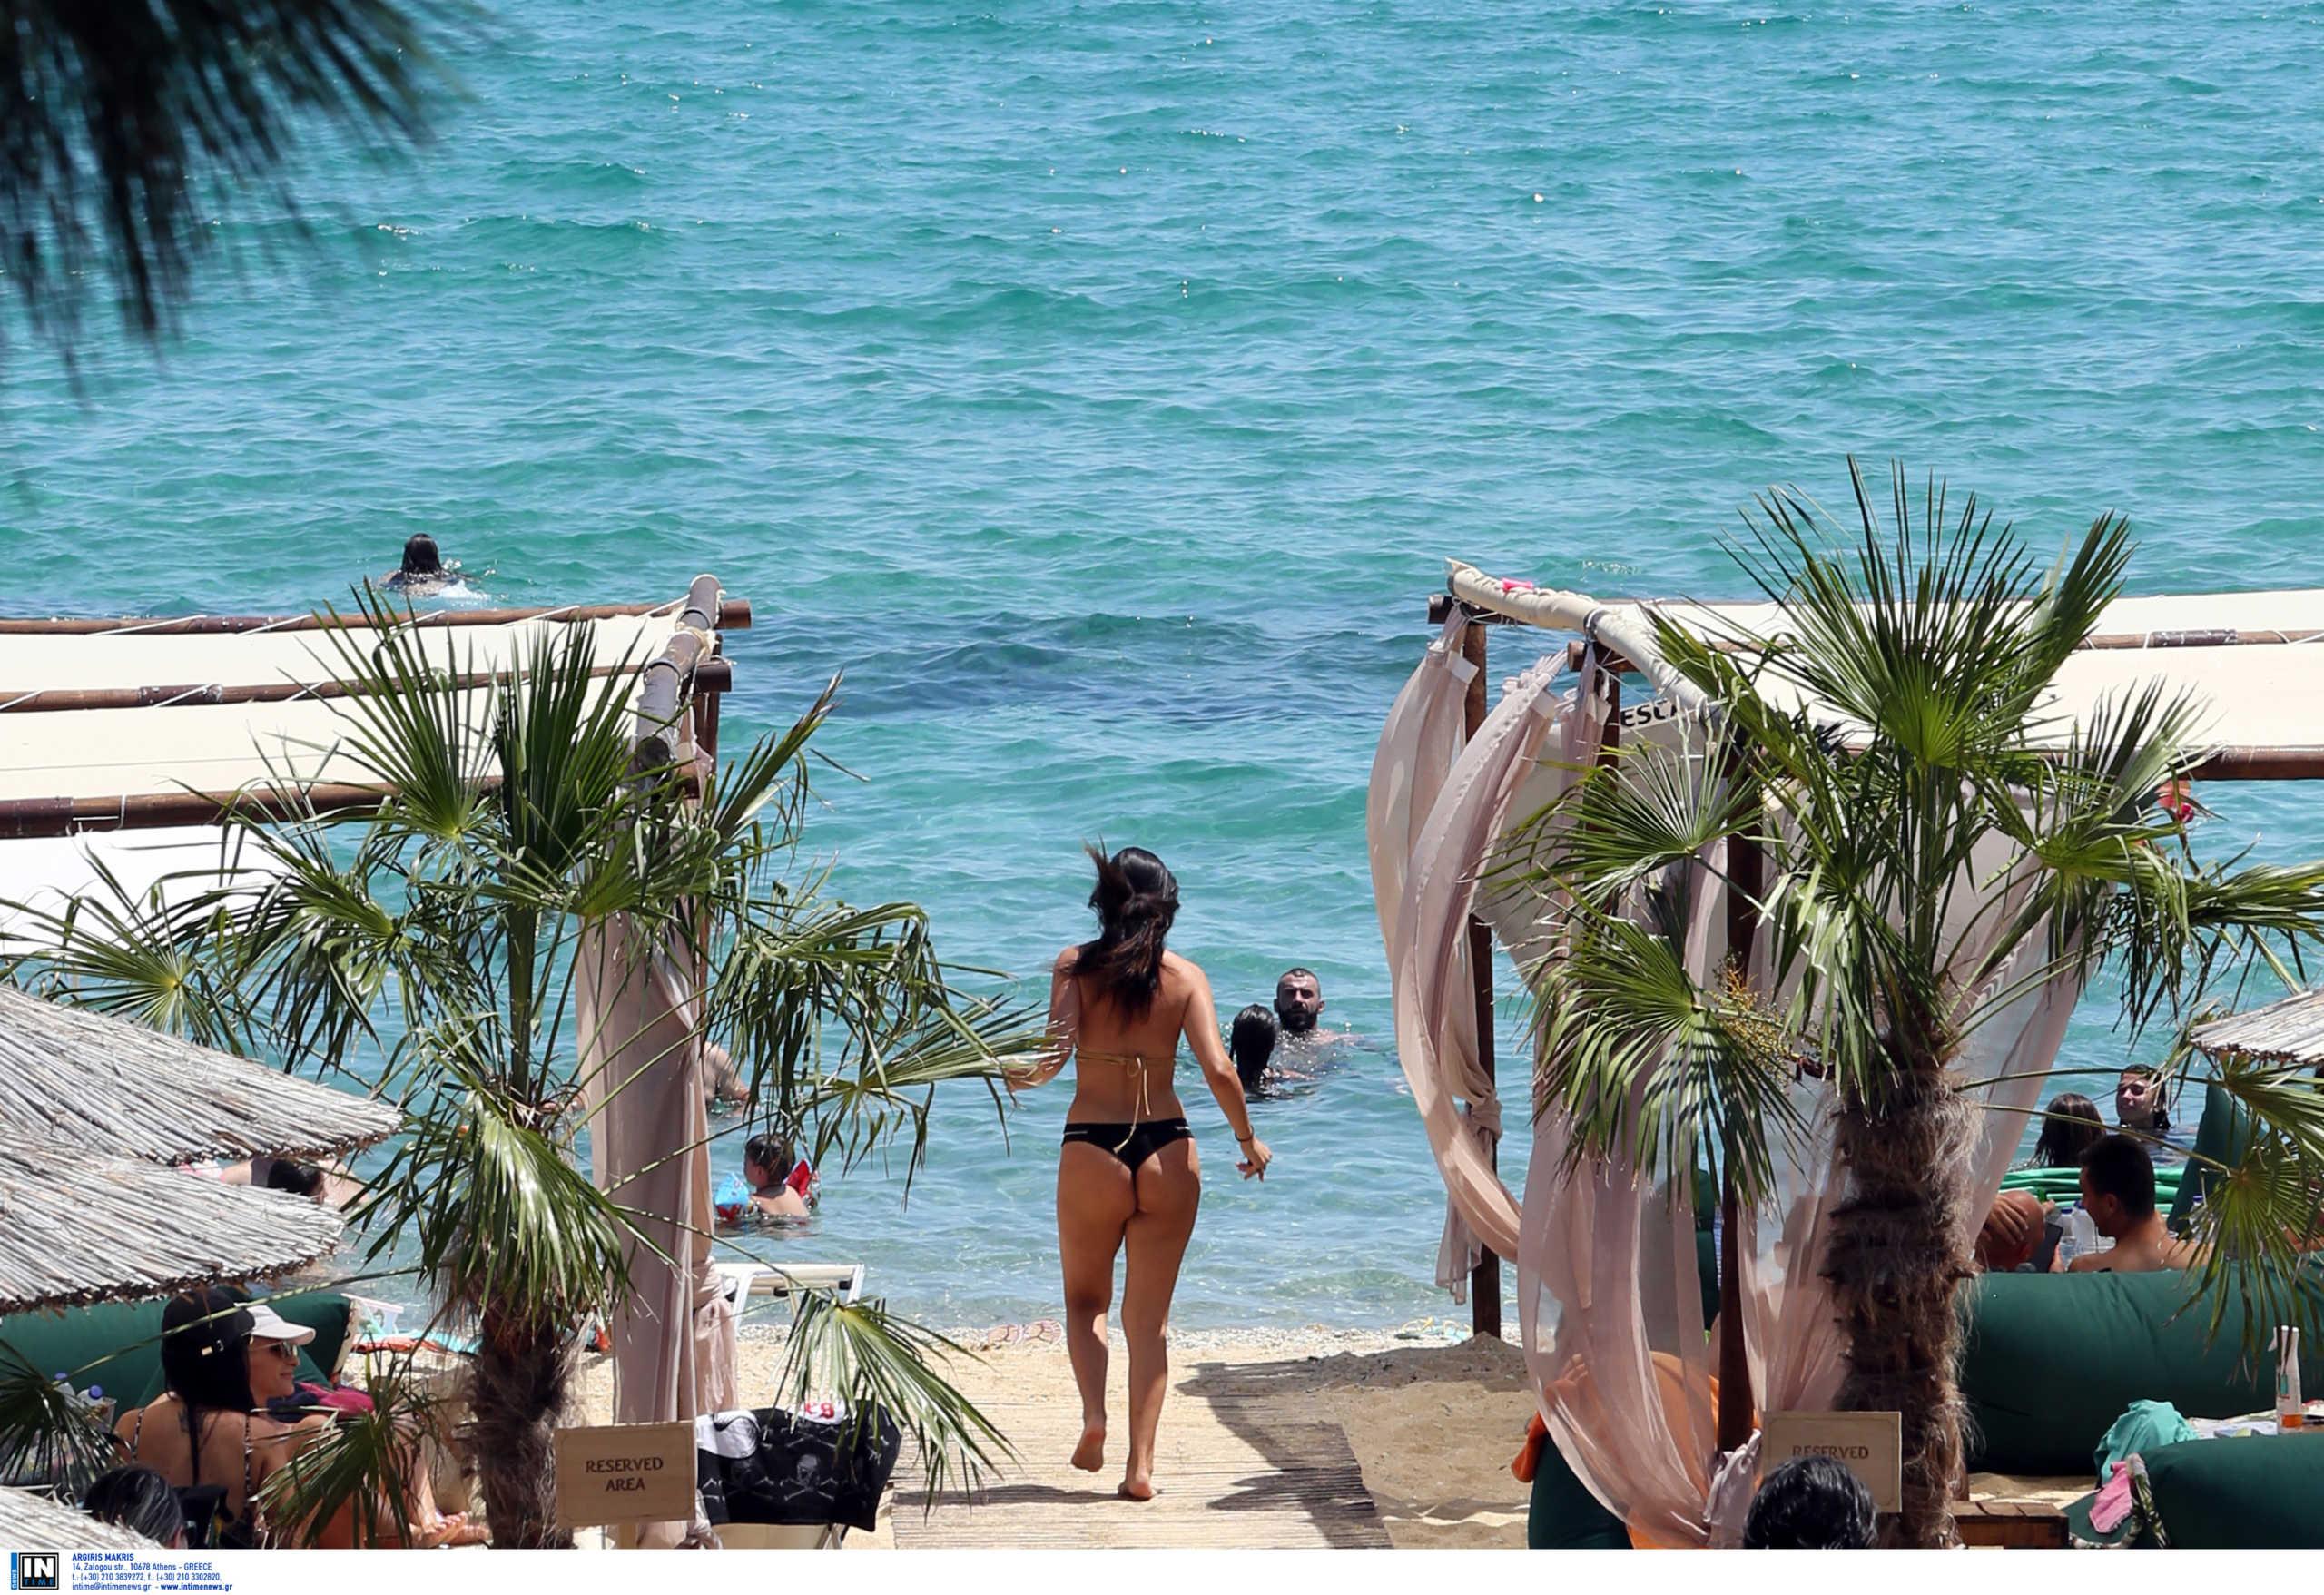 Νόμιμο πλέον το… καφεδάκι στις παραλίες! Όλα όσα προβλέπει η νέα ΚΥΑ για την χαλάρωση των μέτρων